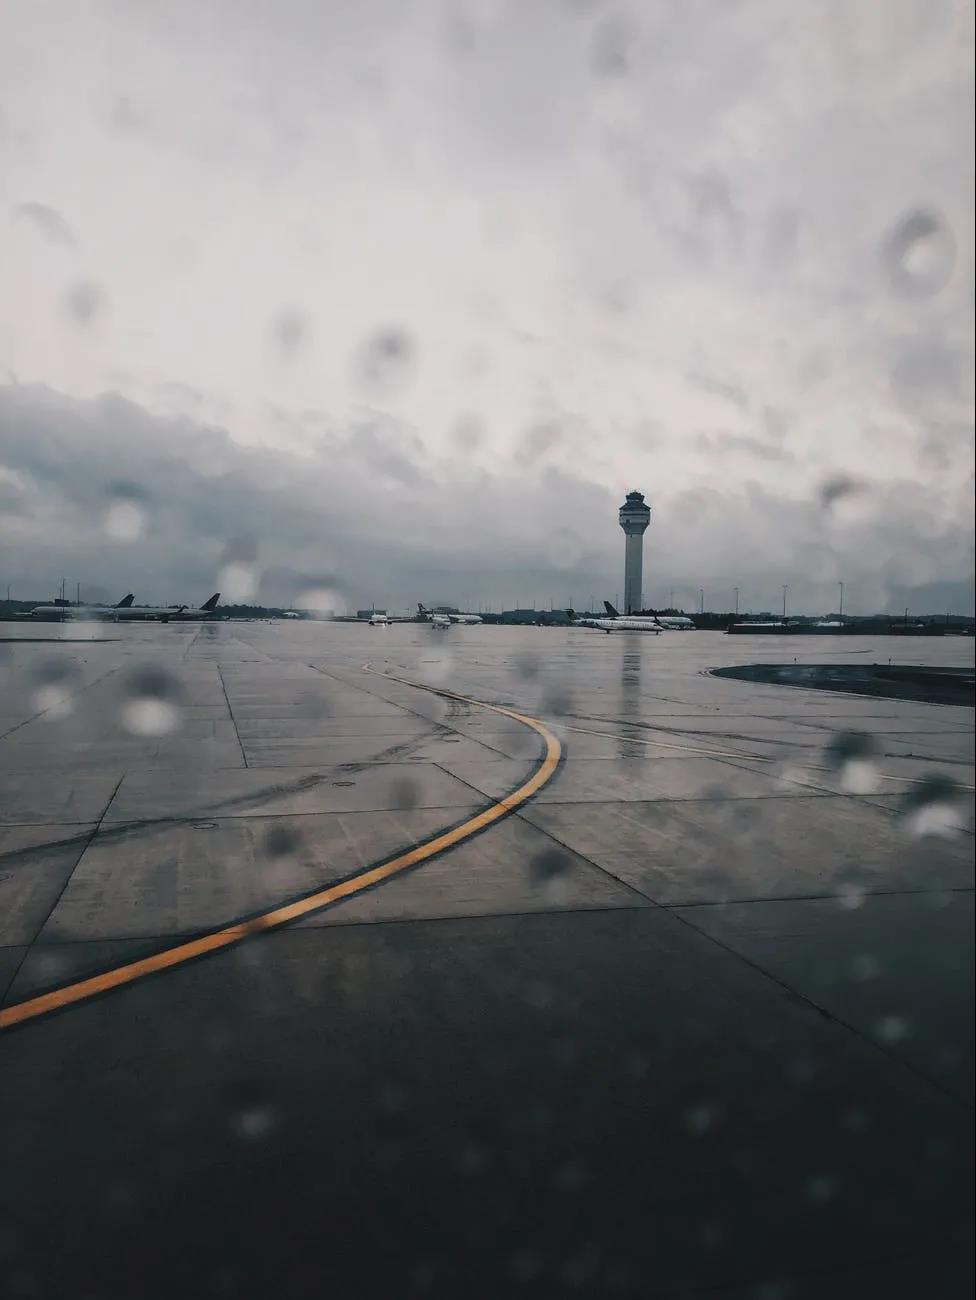 雷雨天气威胁飞行安全